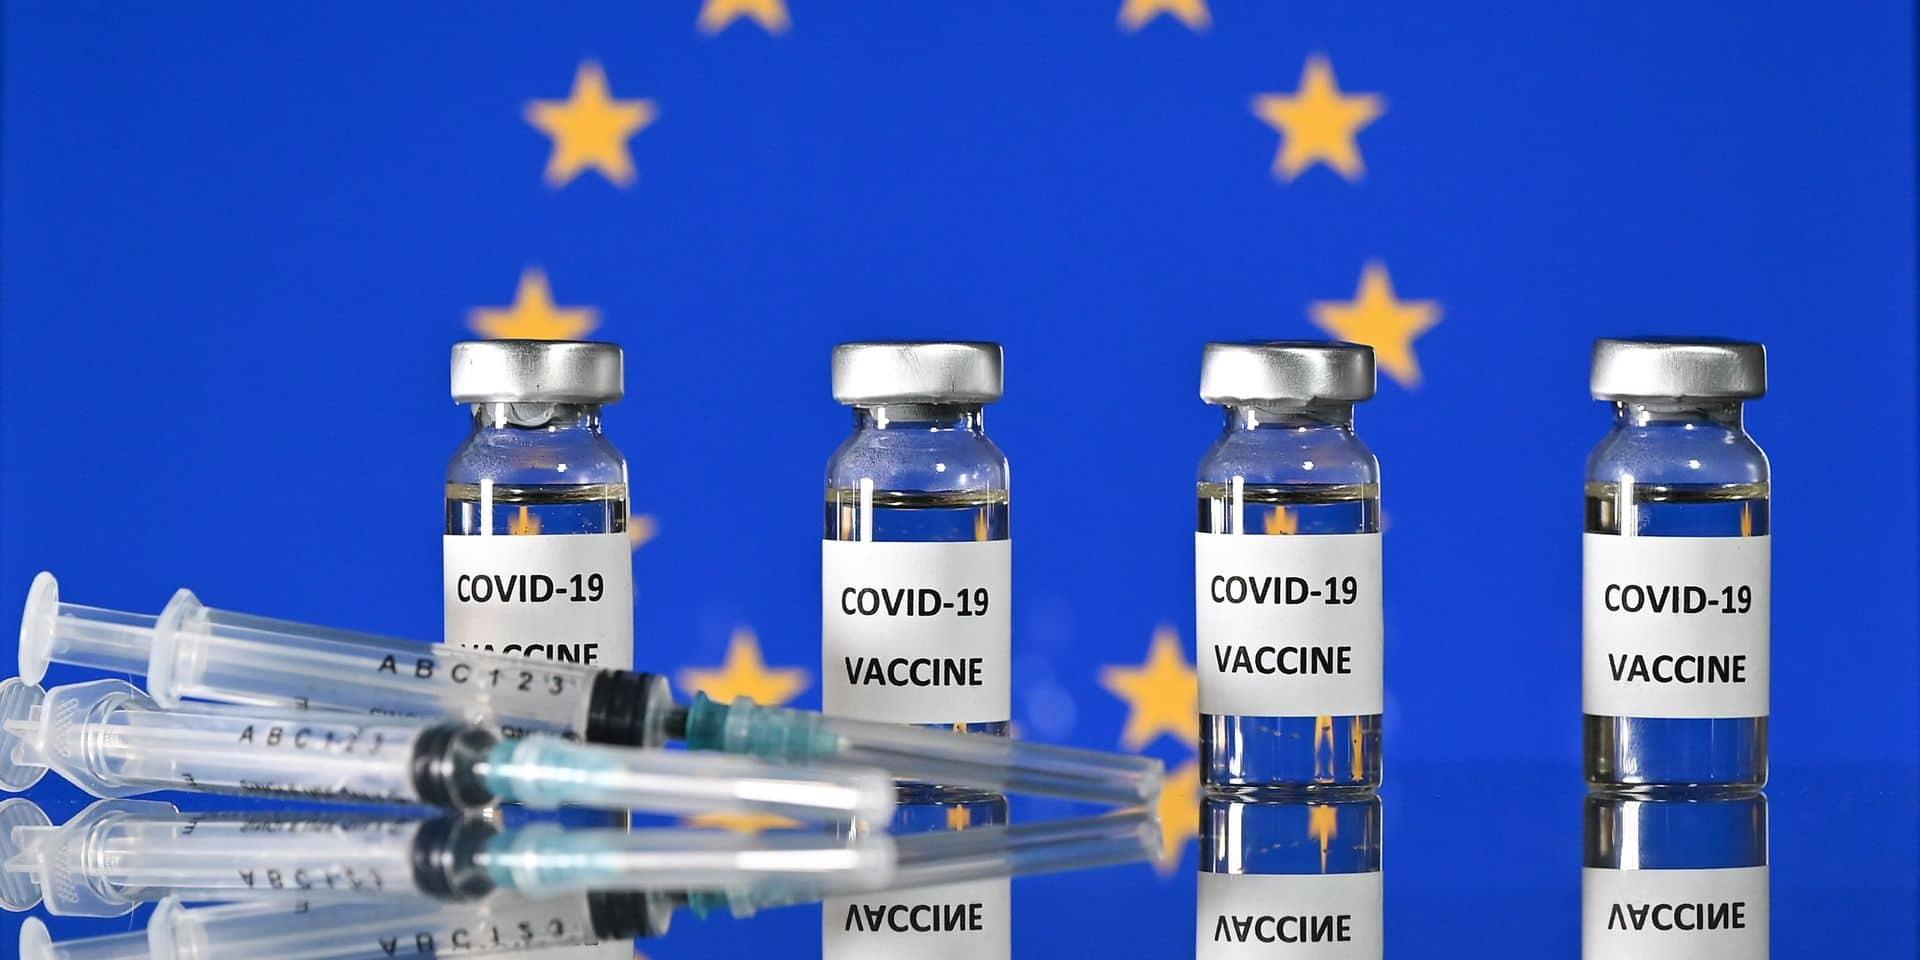 Contrats, nombre de doses... Où en est la Commission européenne dans ses achats de vaccins contre le Covid-19?